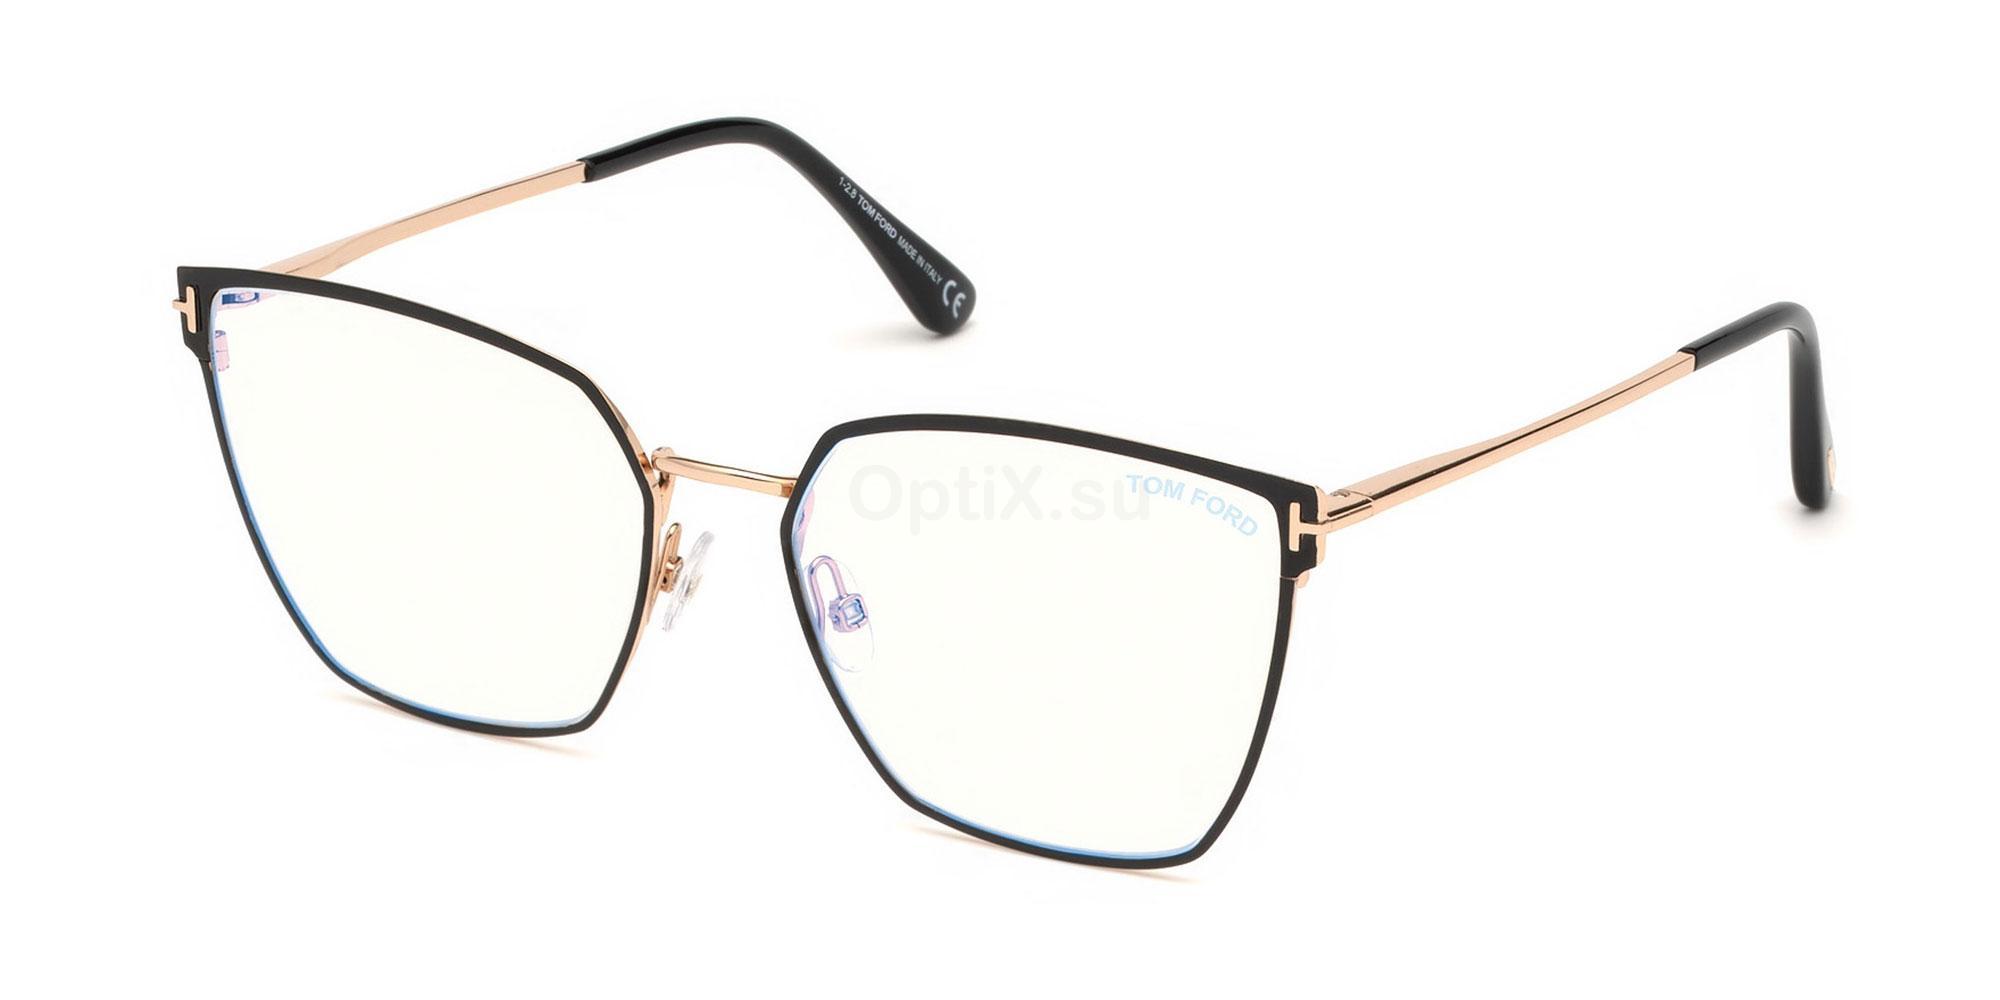 001 FT5574-B Glasses, Tom Ford